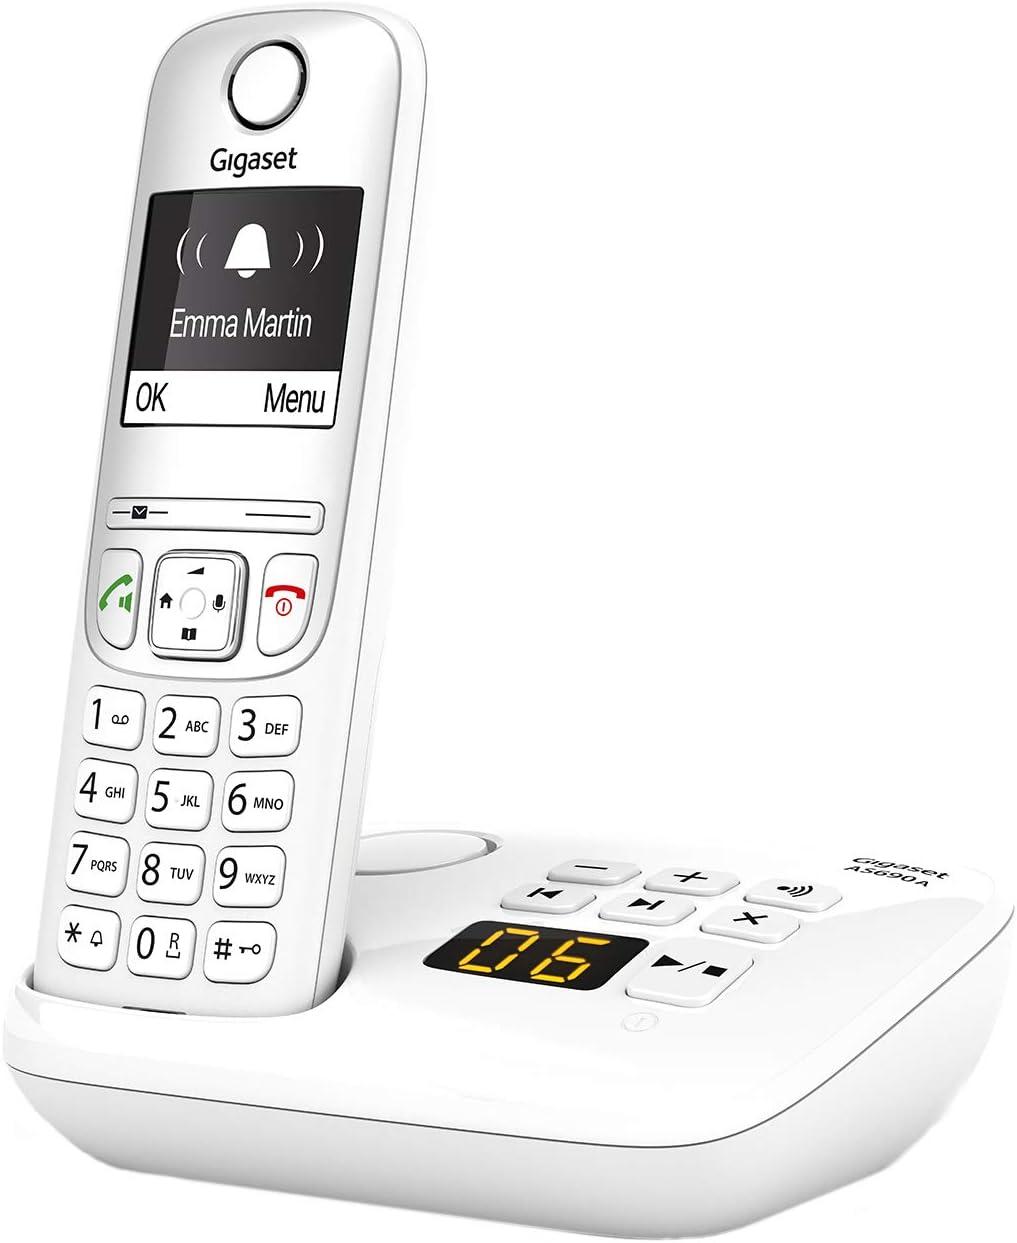 Gigaset As690a Schnurloses Telefon Mit Anrufbeantworter Großes Kontrastreiches Display Brillante Audioqualität Einstellbare Klangprofile Freisprechfunktion